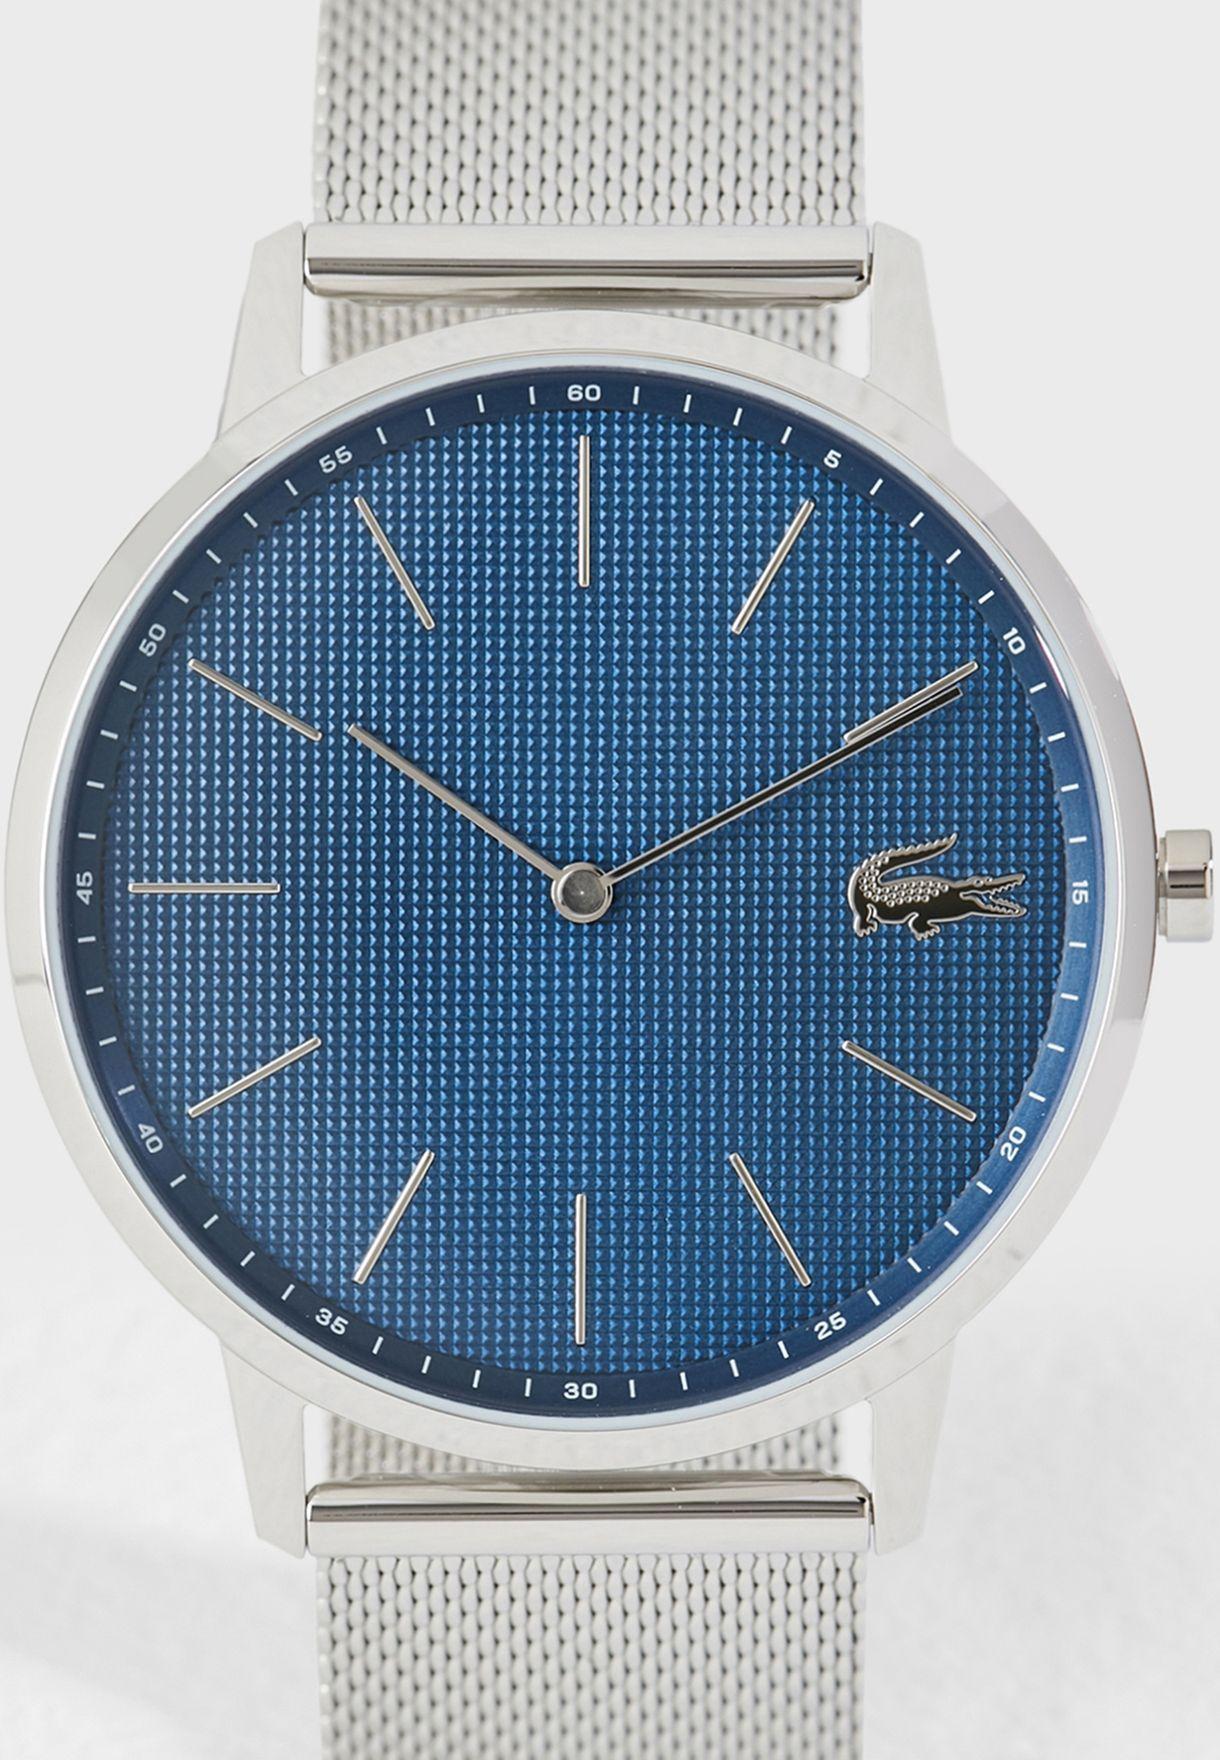 2011005 Moon Watch